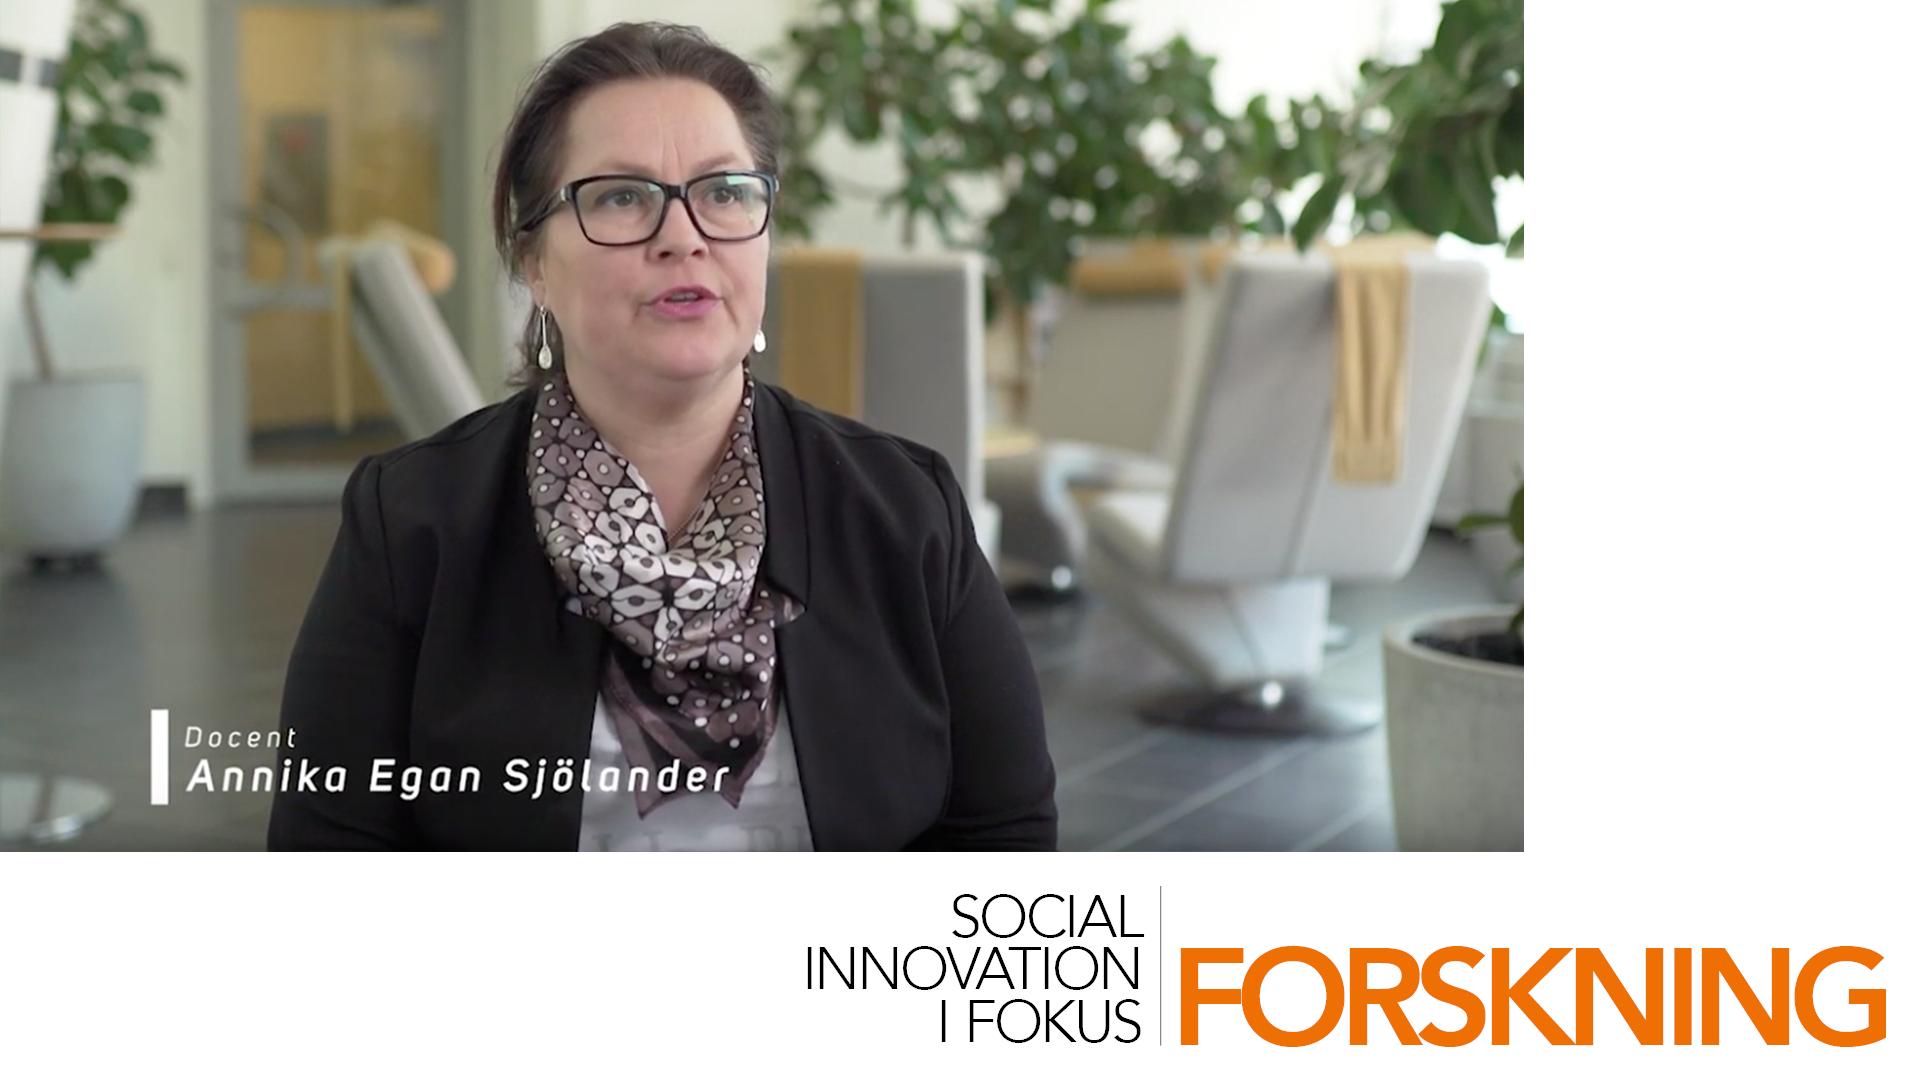 Intervju med miljöforskaren Annika Egan Sjölander